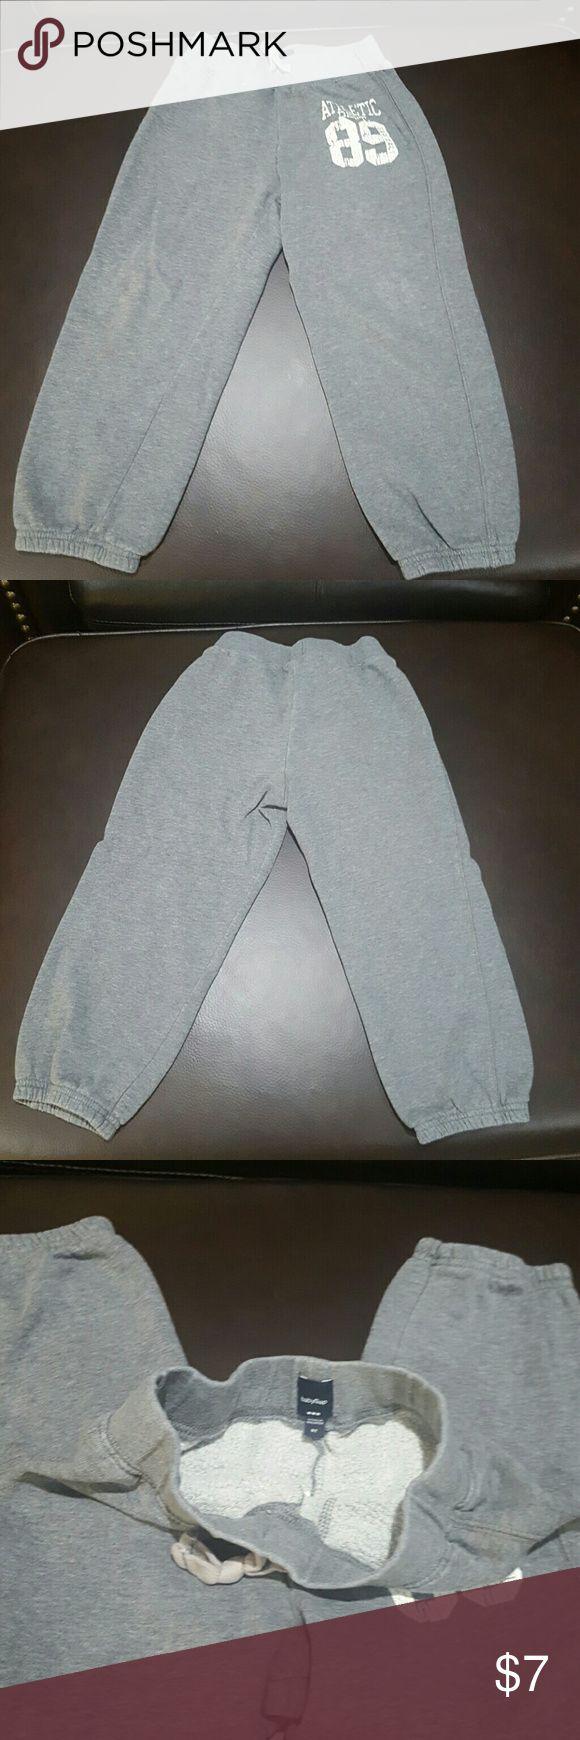 Athletic Fleece Pants Boys, gray athletic fleece pants. Gently used. babyGap  Bottoms Sweatpants & Joggers